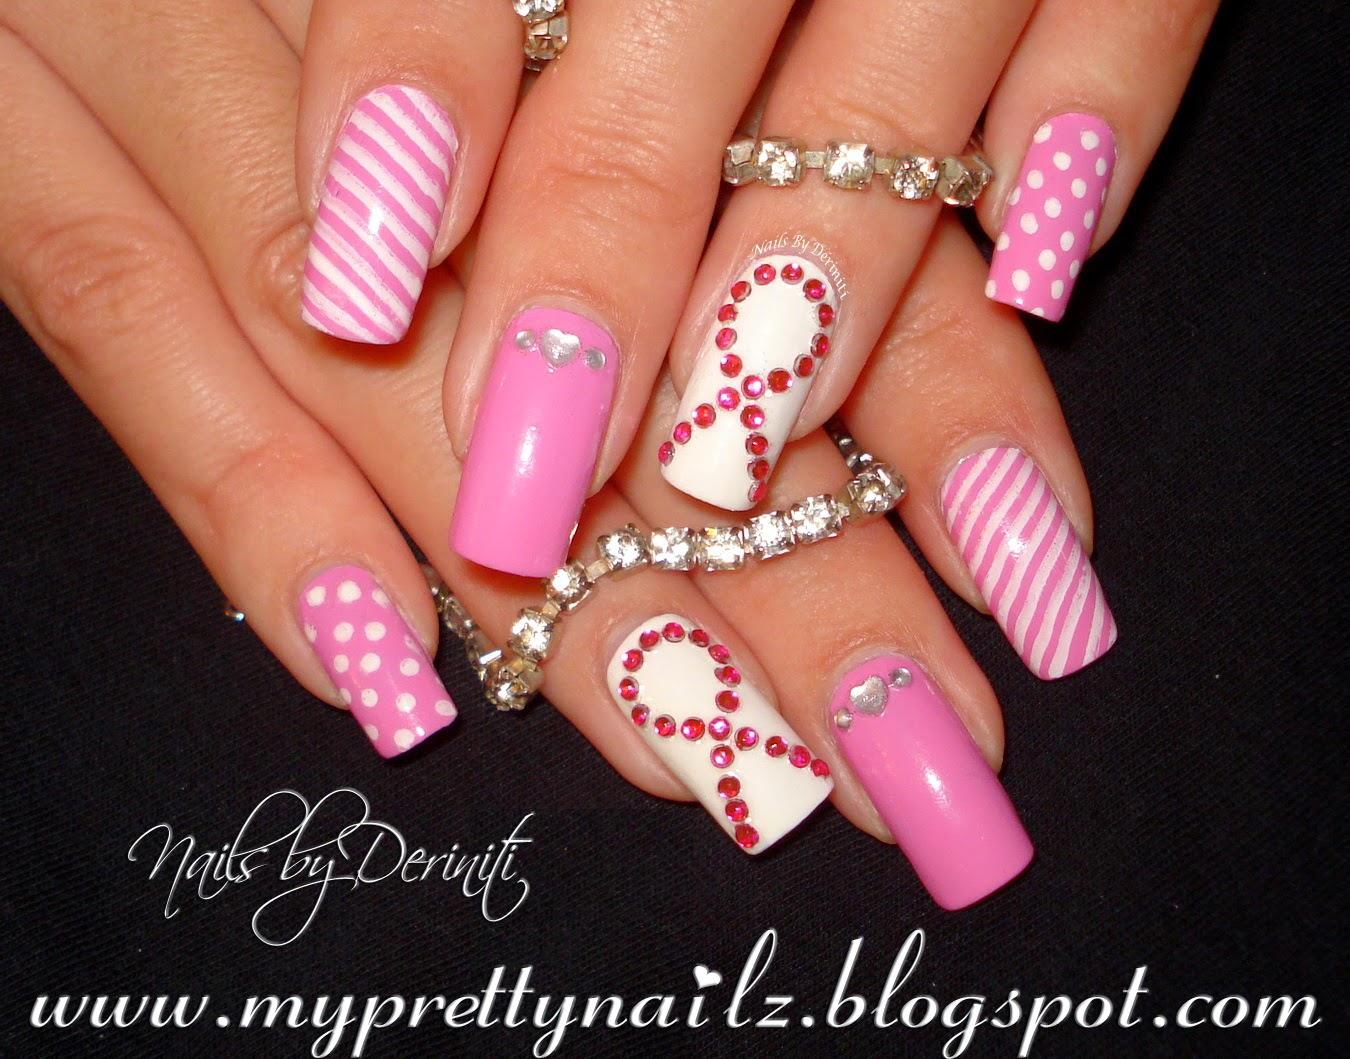 My Pretty Nailz: THINK PINK Breast Cancer Awareness Nail ...